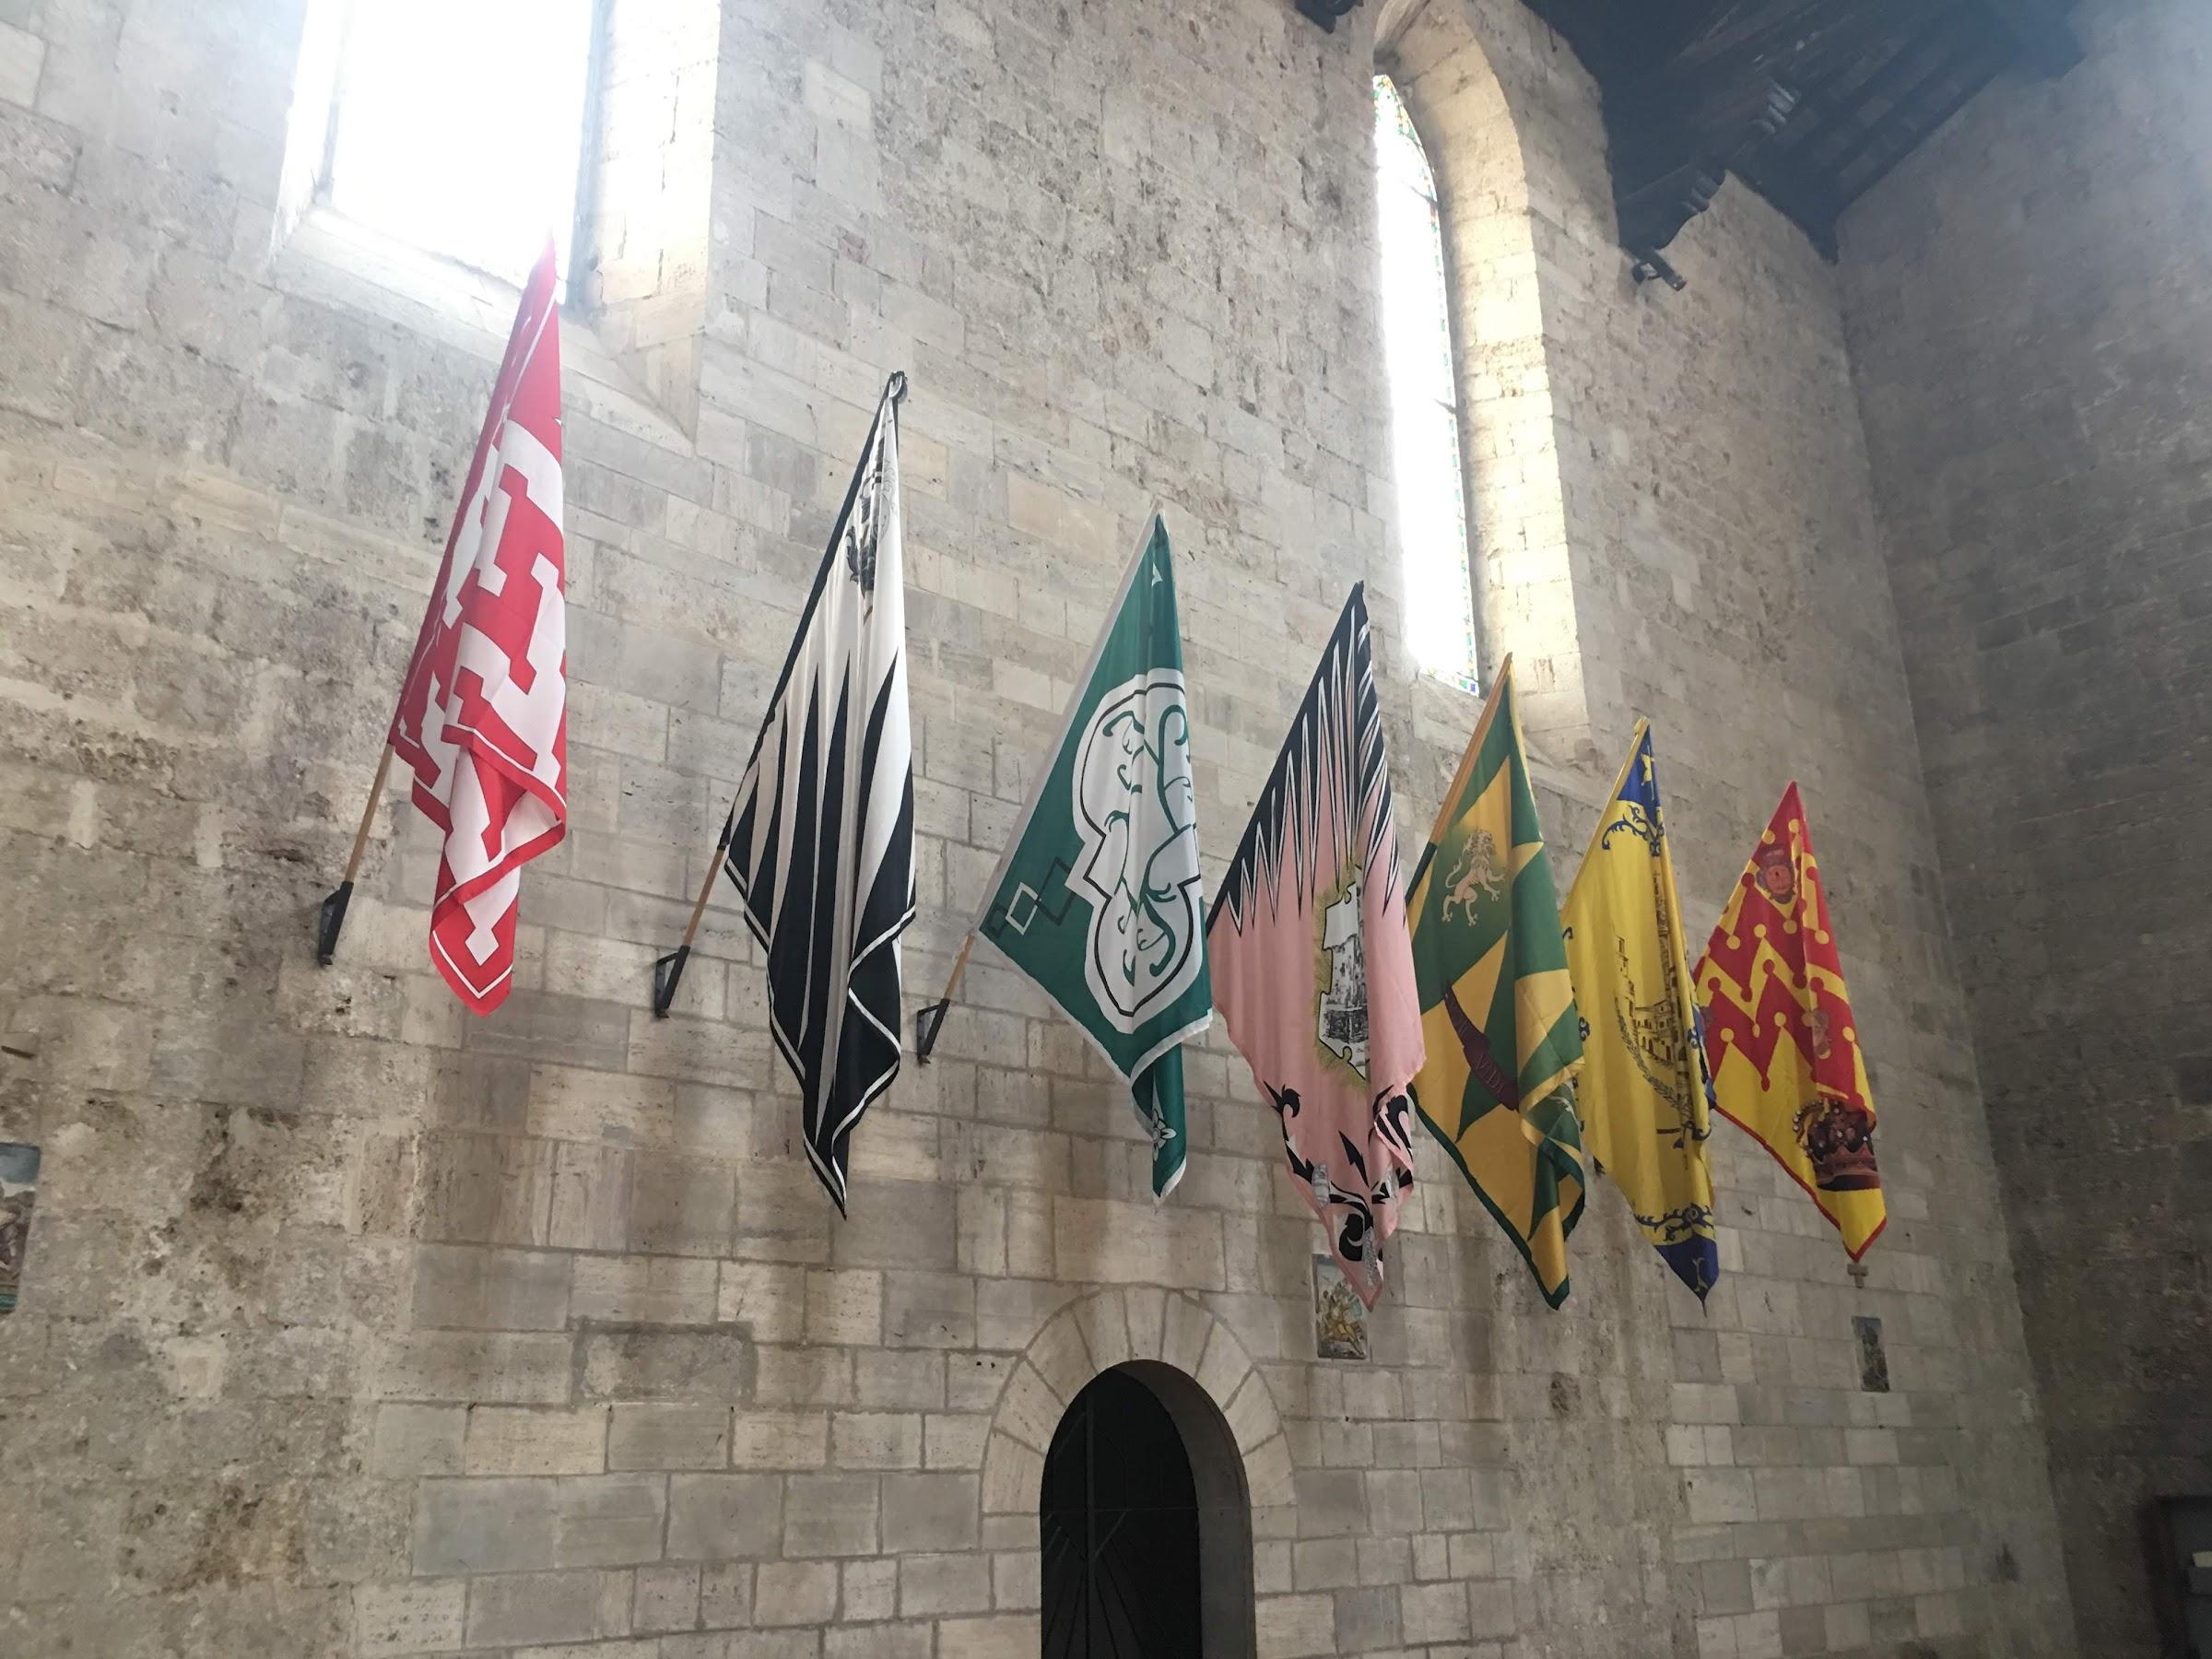 Asciano, interieur Collegiata di Sant'Agata (Asciano)